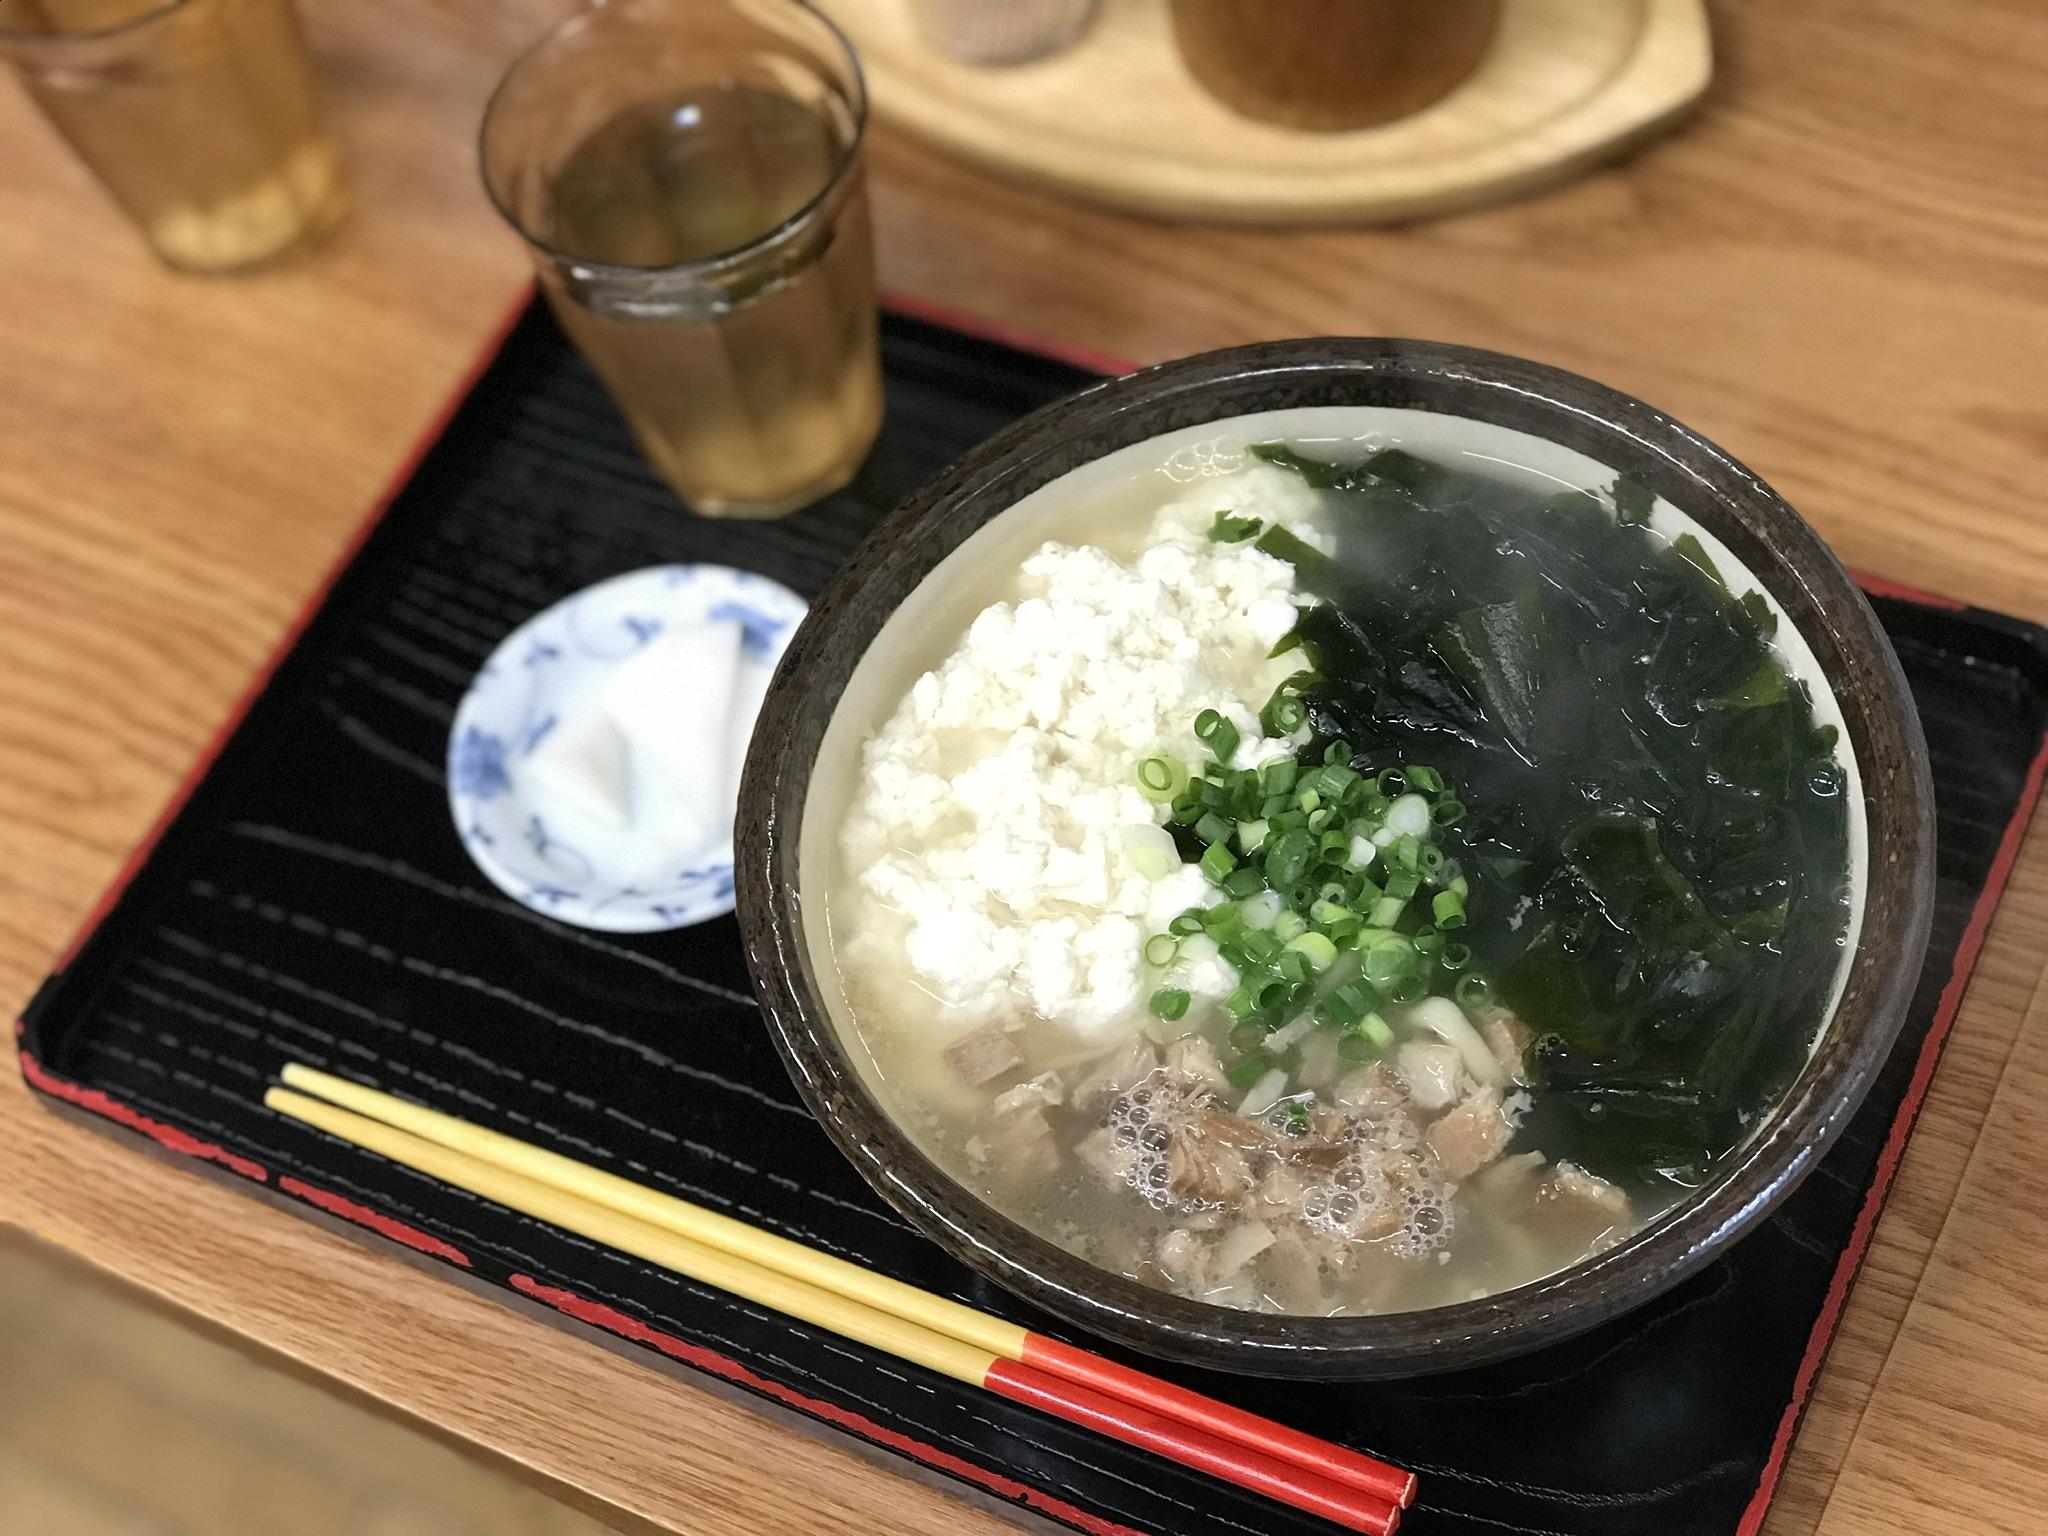 ハネムーン旅行、沖縄、ゆし豆腐そば、わかめそば、オススメ店。